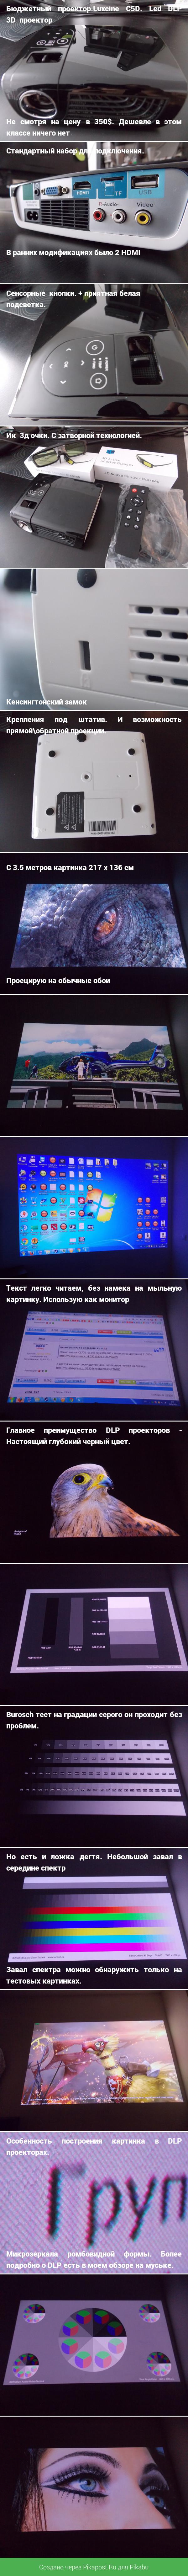 Обзор Led DLP HD 3d проектора из поднебесной. Длиннопост, Проектор, Luxcine C5D, DLP, Обзор проектора, Видео